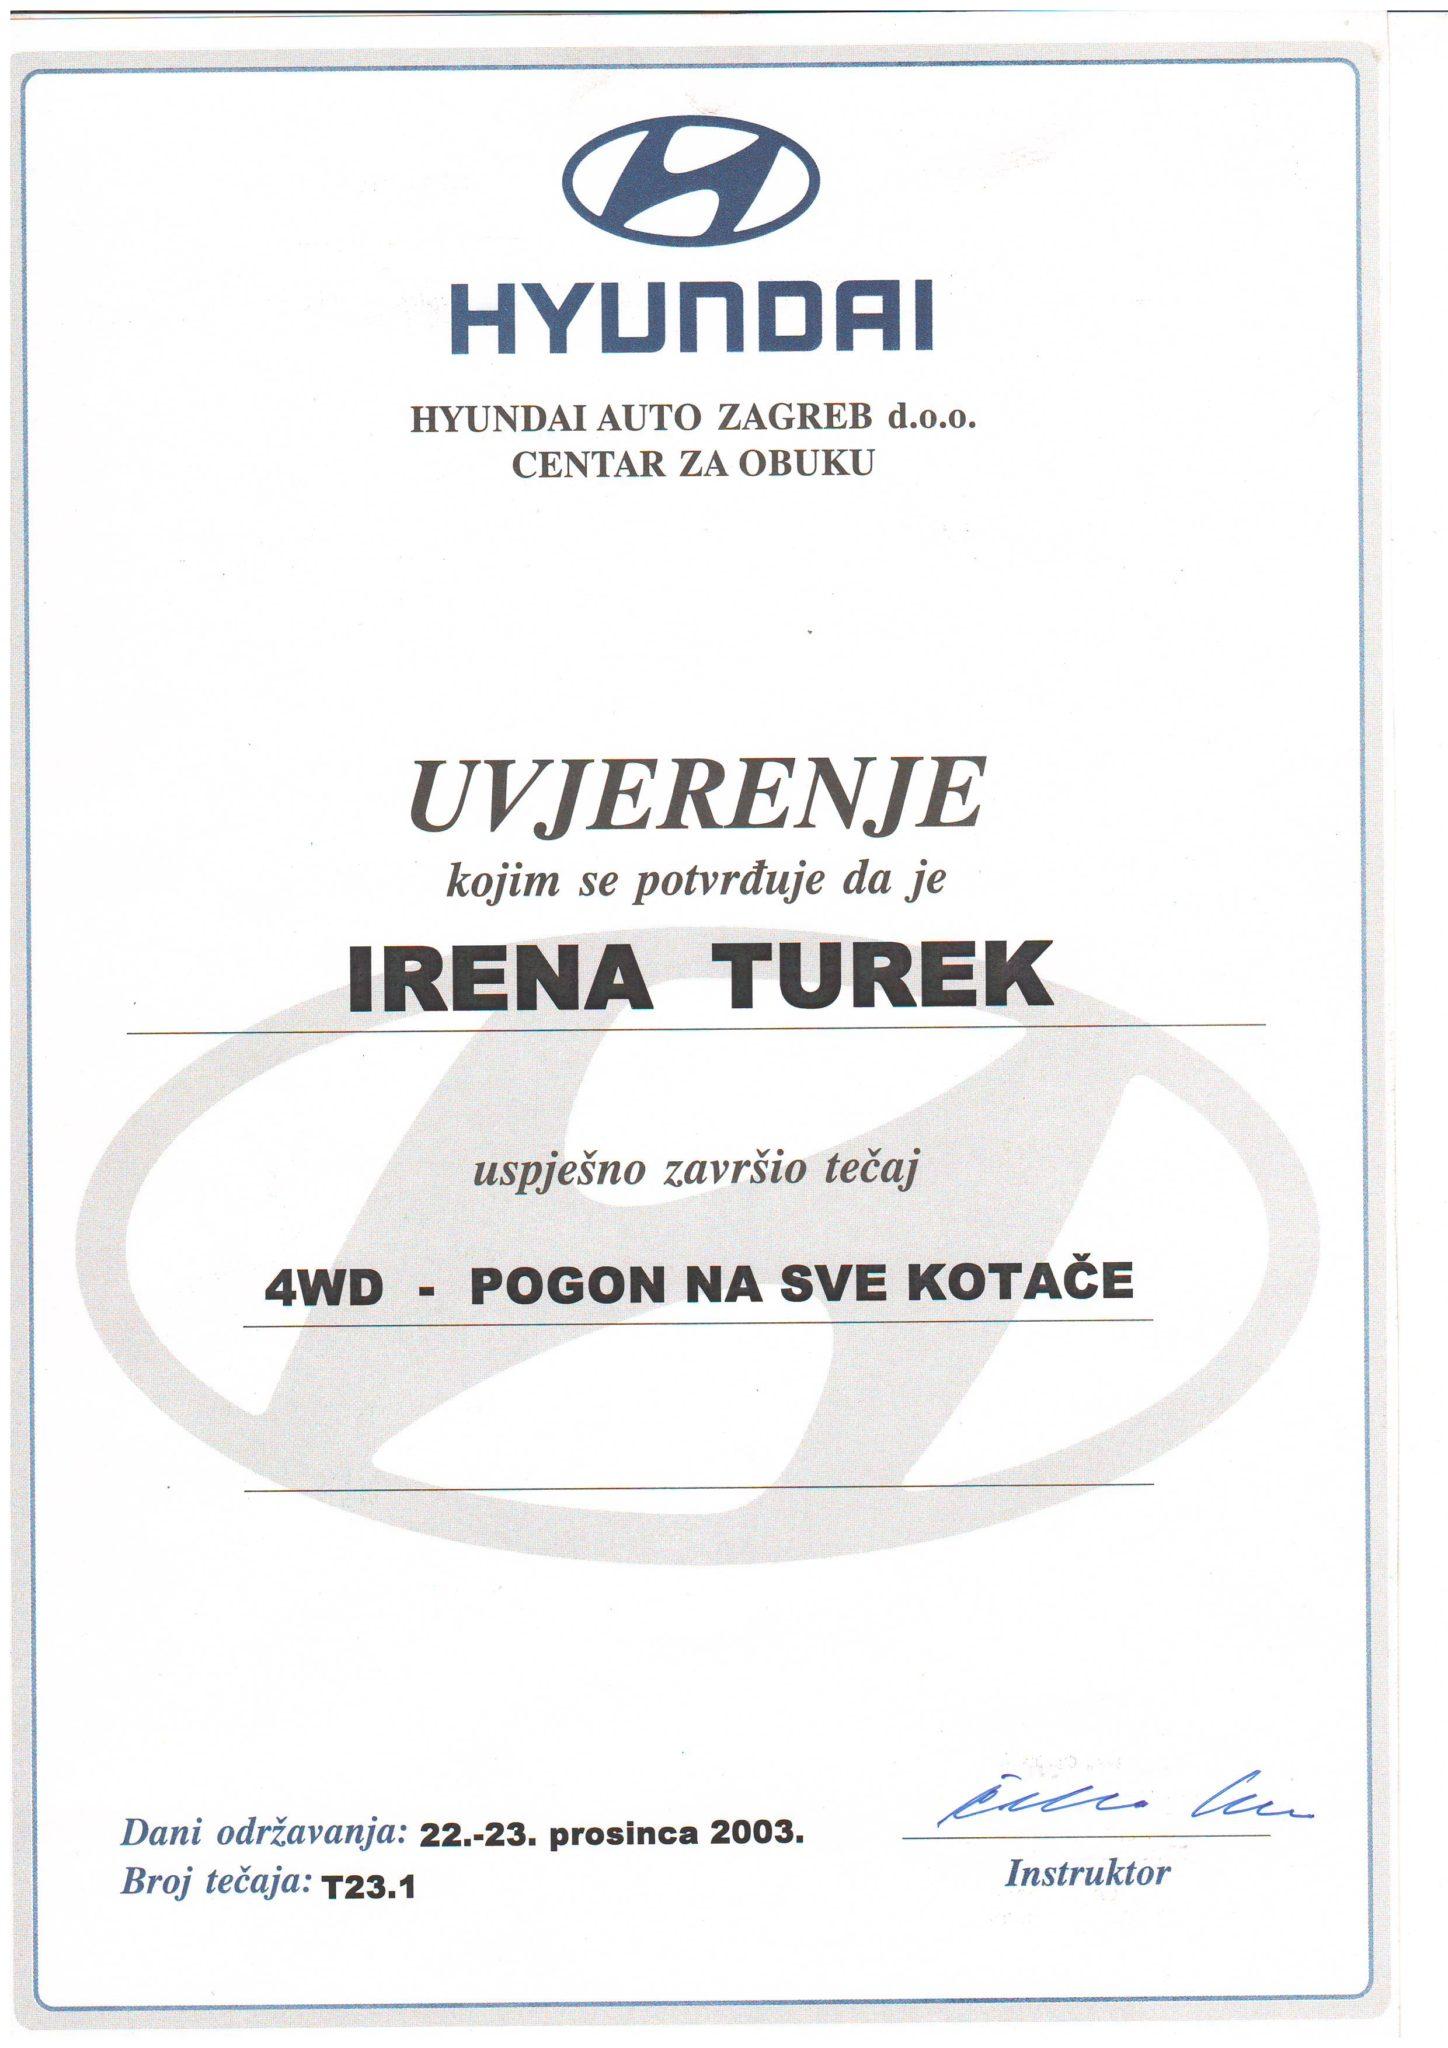 Picture of Hyundai - 4WD pogon na sve kotače